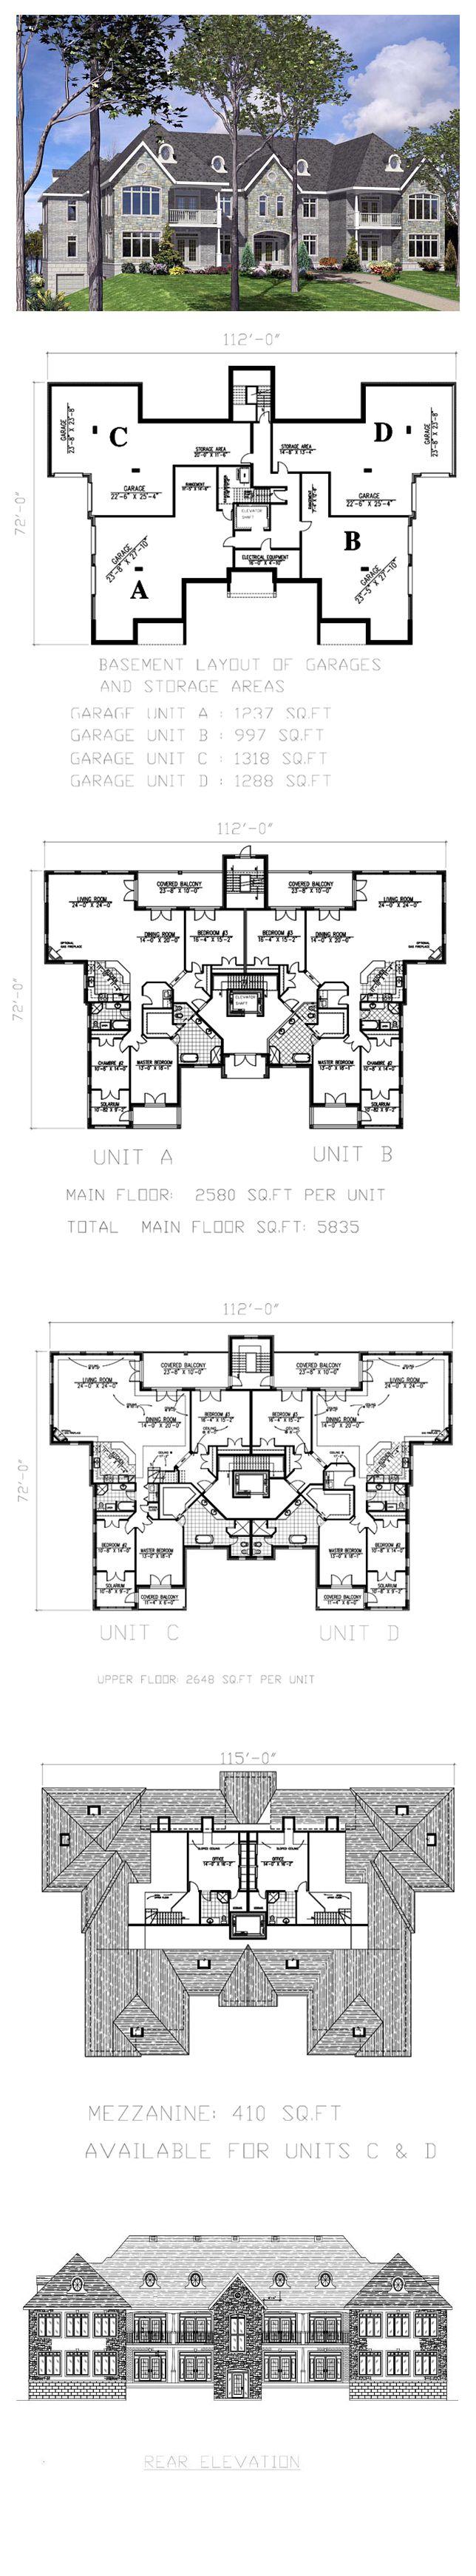 26 best images about duplex multiplex plans on pinterest for Quadplex plans